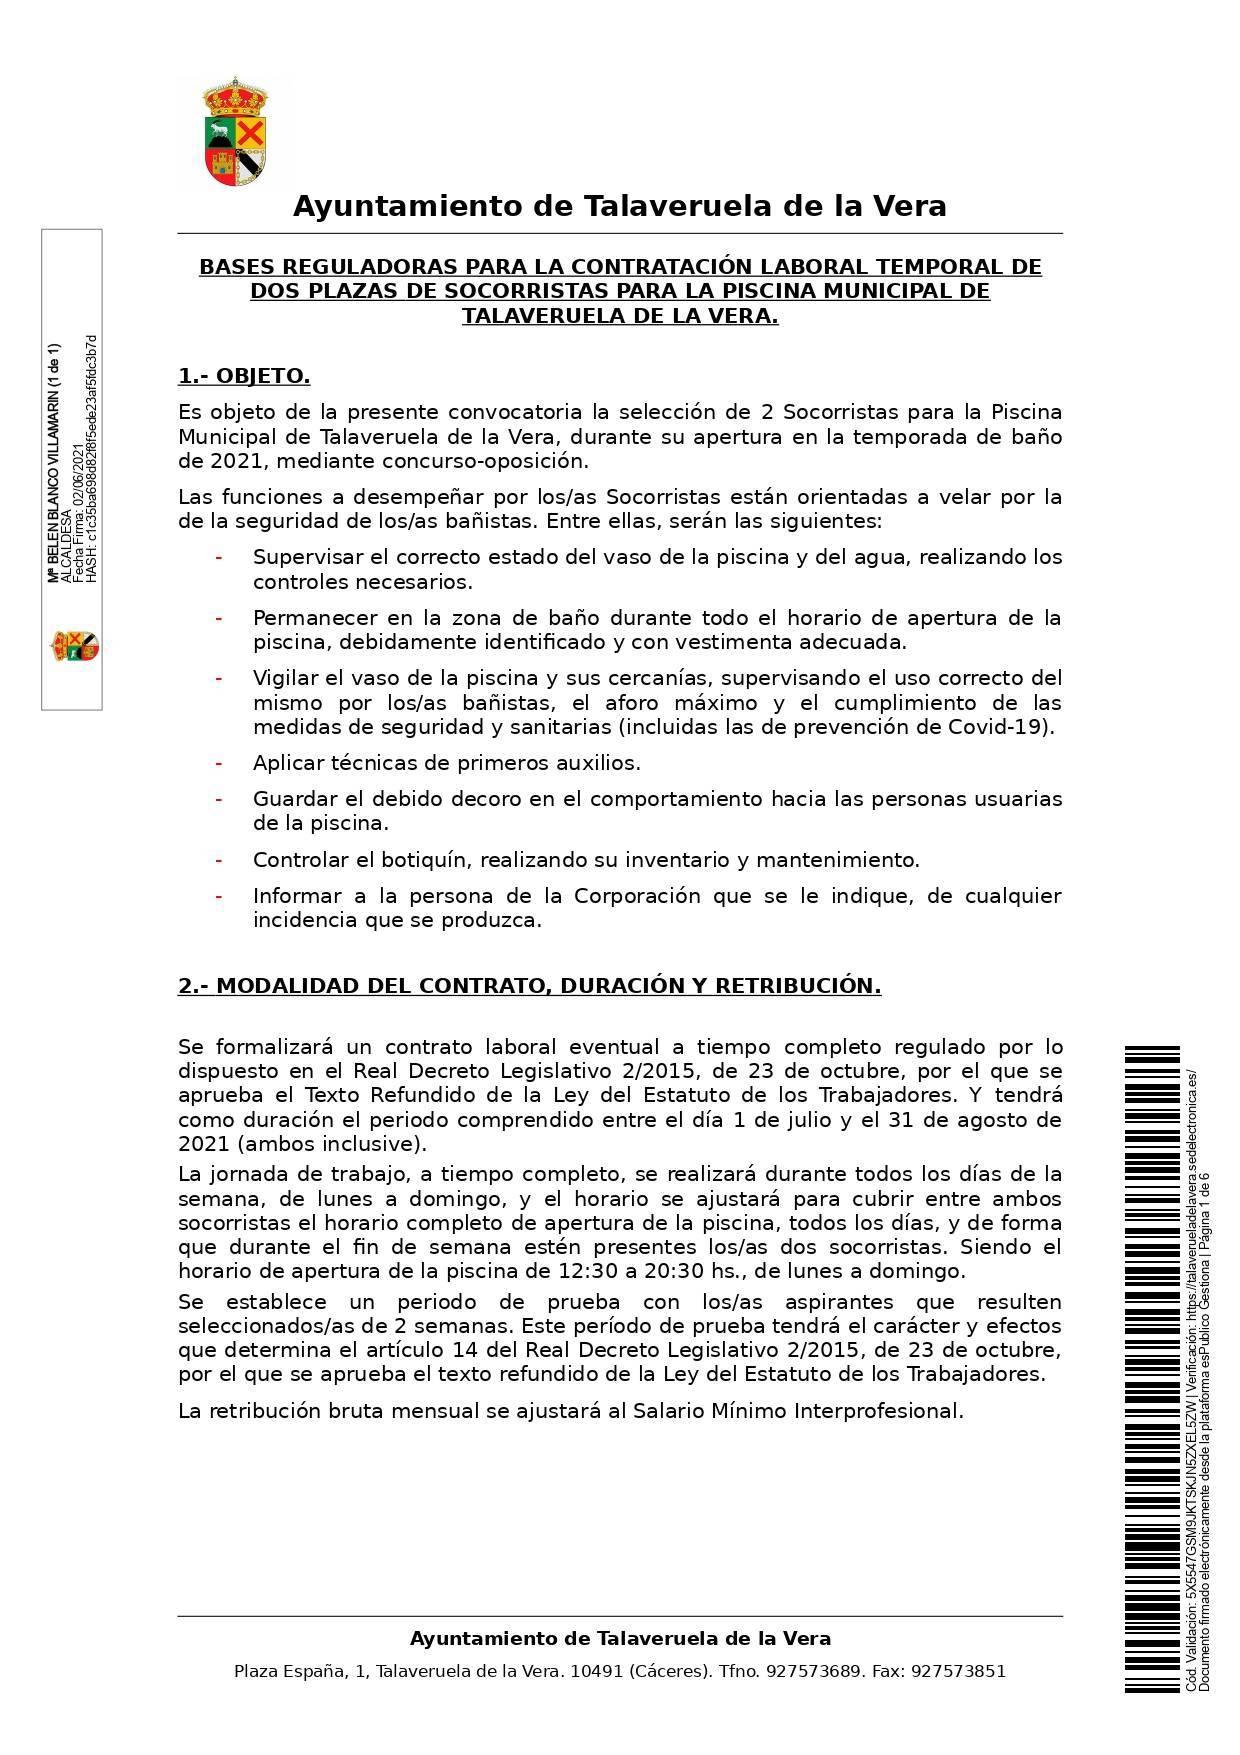 2 socorristas (2021) - Talaveruela de la Vera (Cáceres) 1